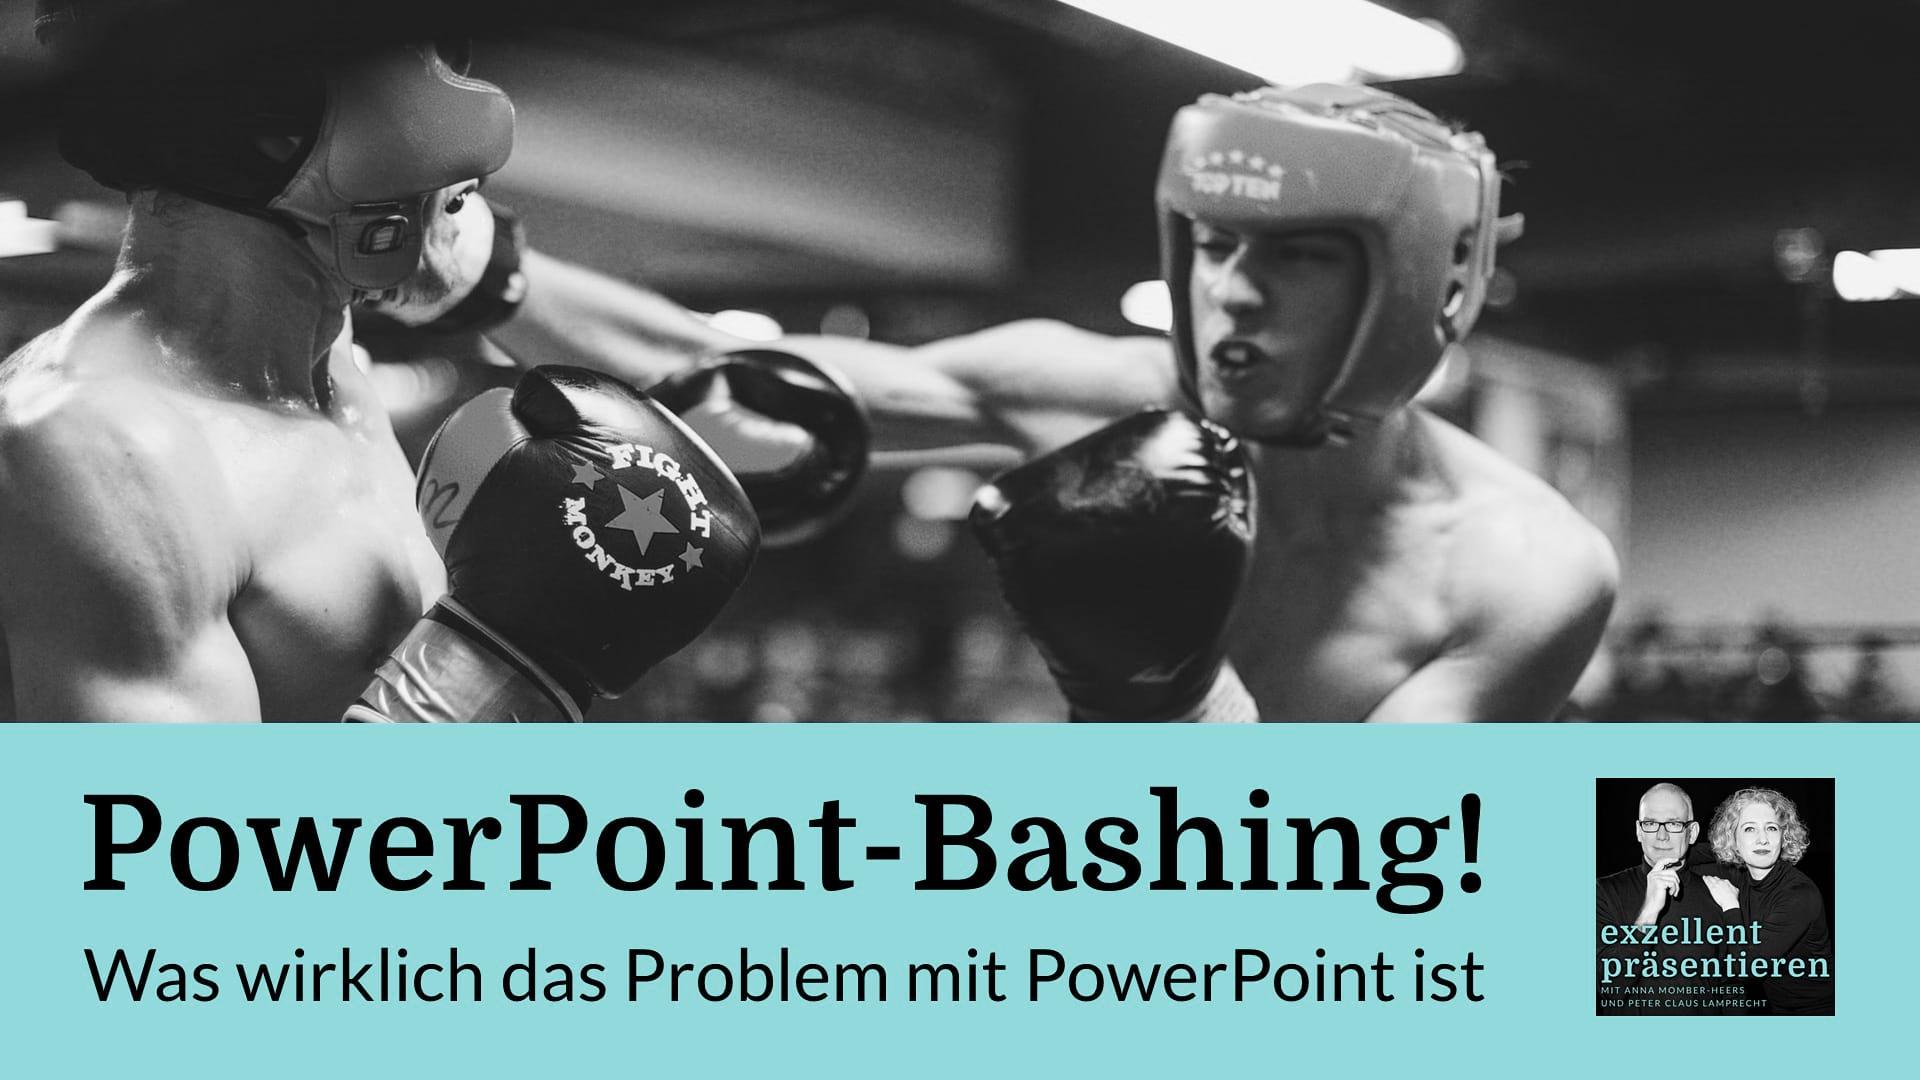 PowerPoint-Bashing! Was wirklich das Problem mit PowerPoint ist